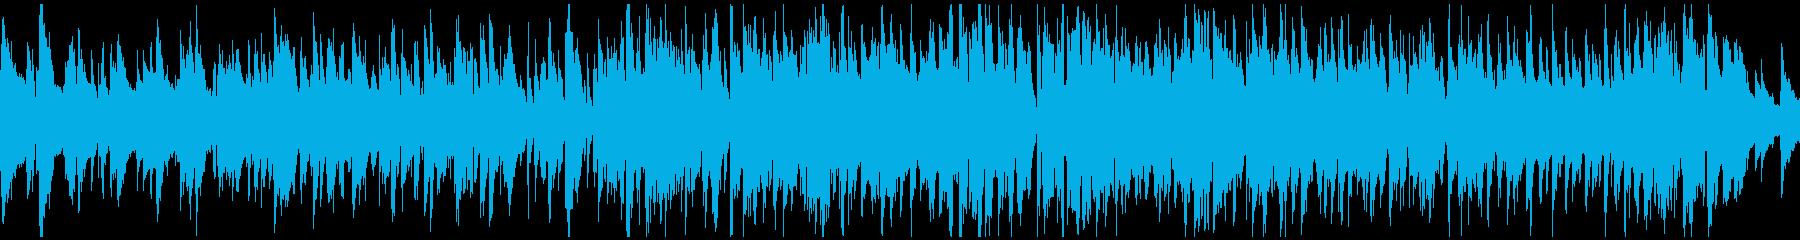 大人のジャズ・ワルツ、優雅 ※ループ版の再生済みの波形